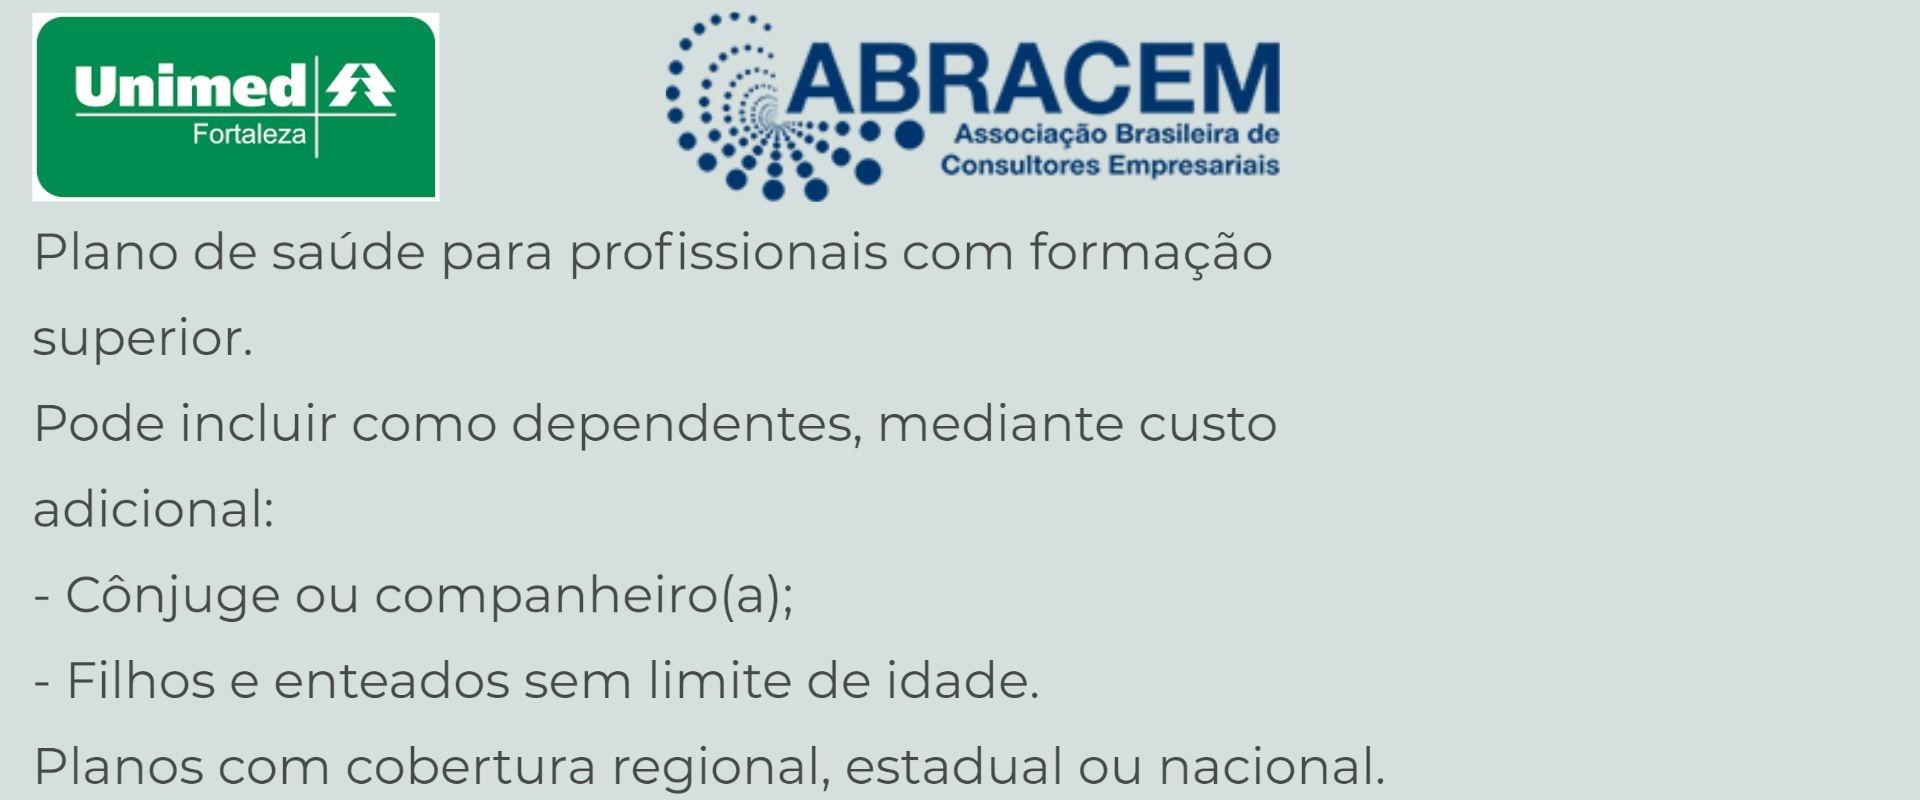 Unimed ABRACEM em Viçosa do Ceará